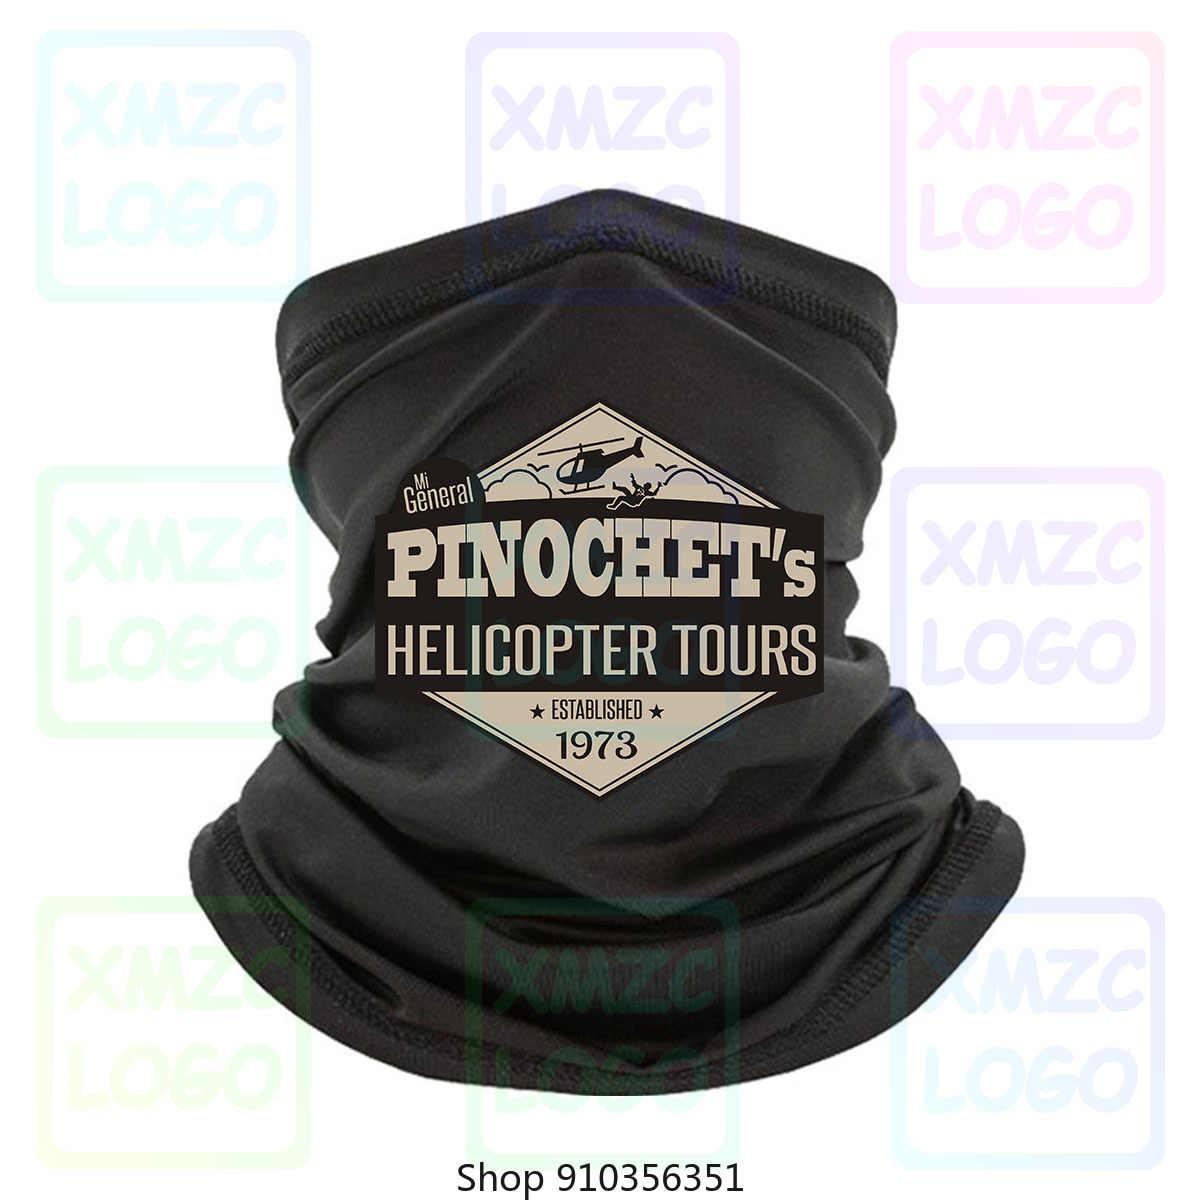 Pinochet - Pinochet Tours en hélicoptère établi populaire T-Shirt sans étiquette bandeau écharpe Bandana cou plus chaud femmes hommes